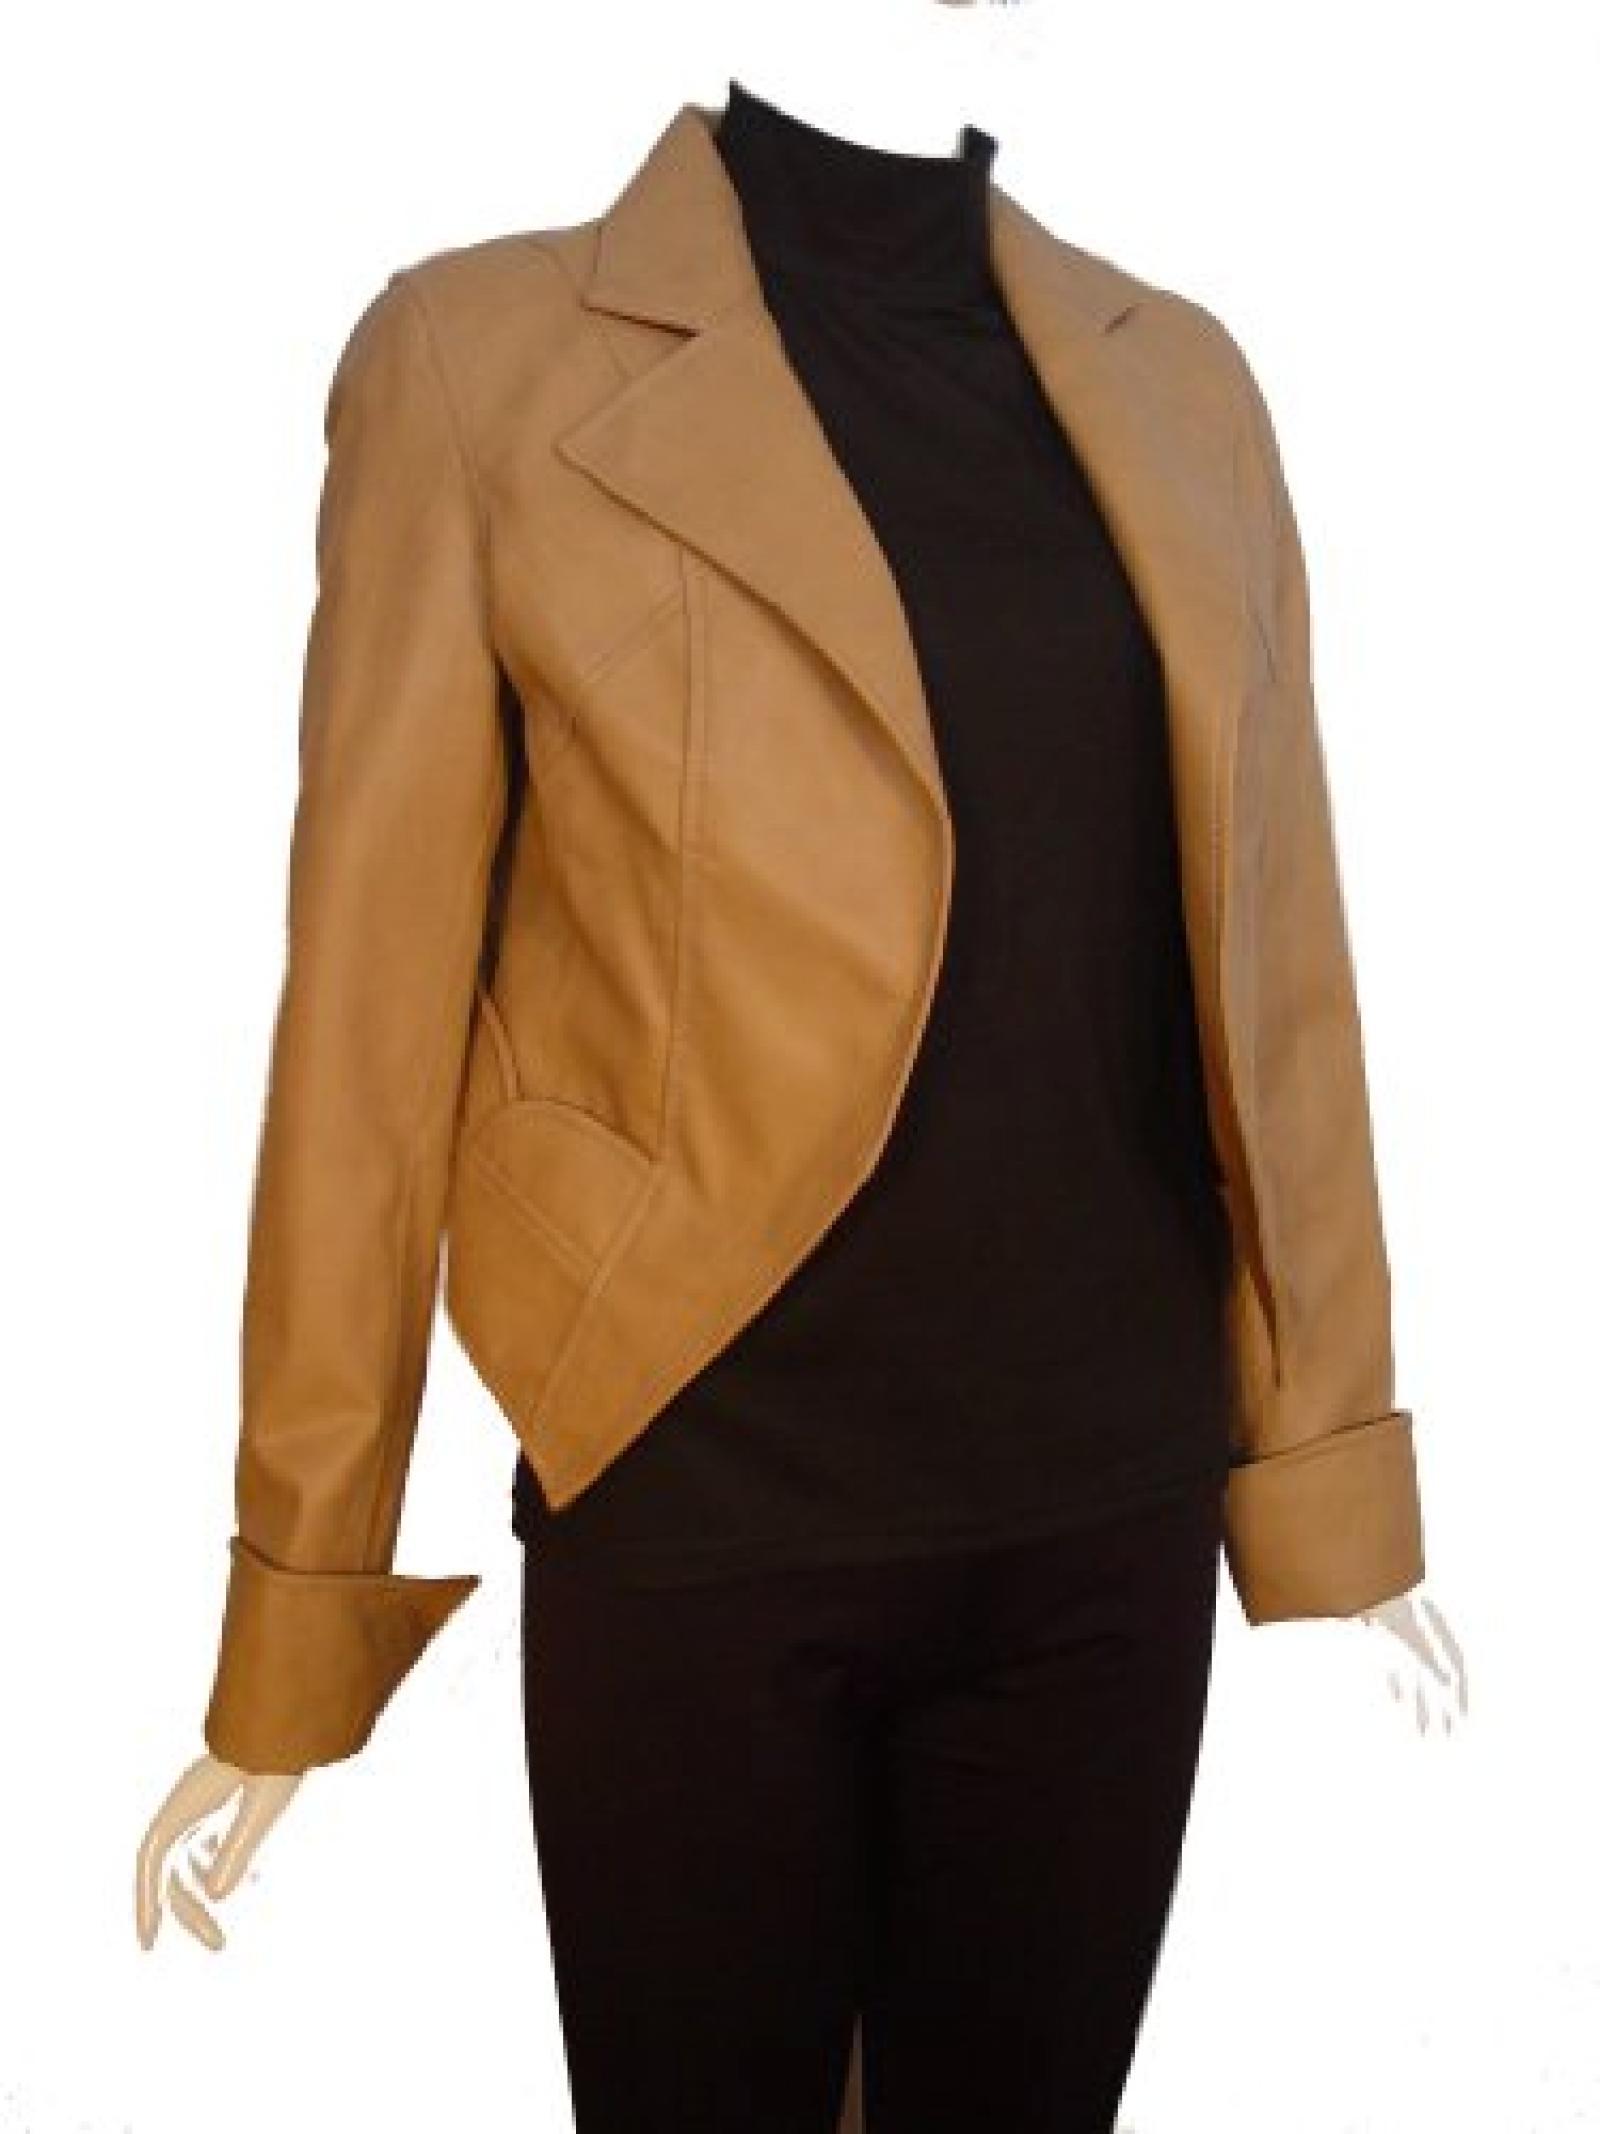 Nettailor FREE tailoring Women PLUS SIZE 4072 Leather Bolero Jacket